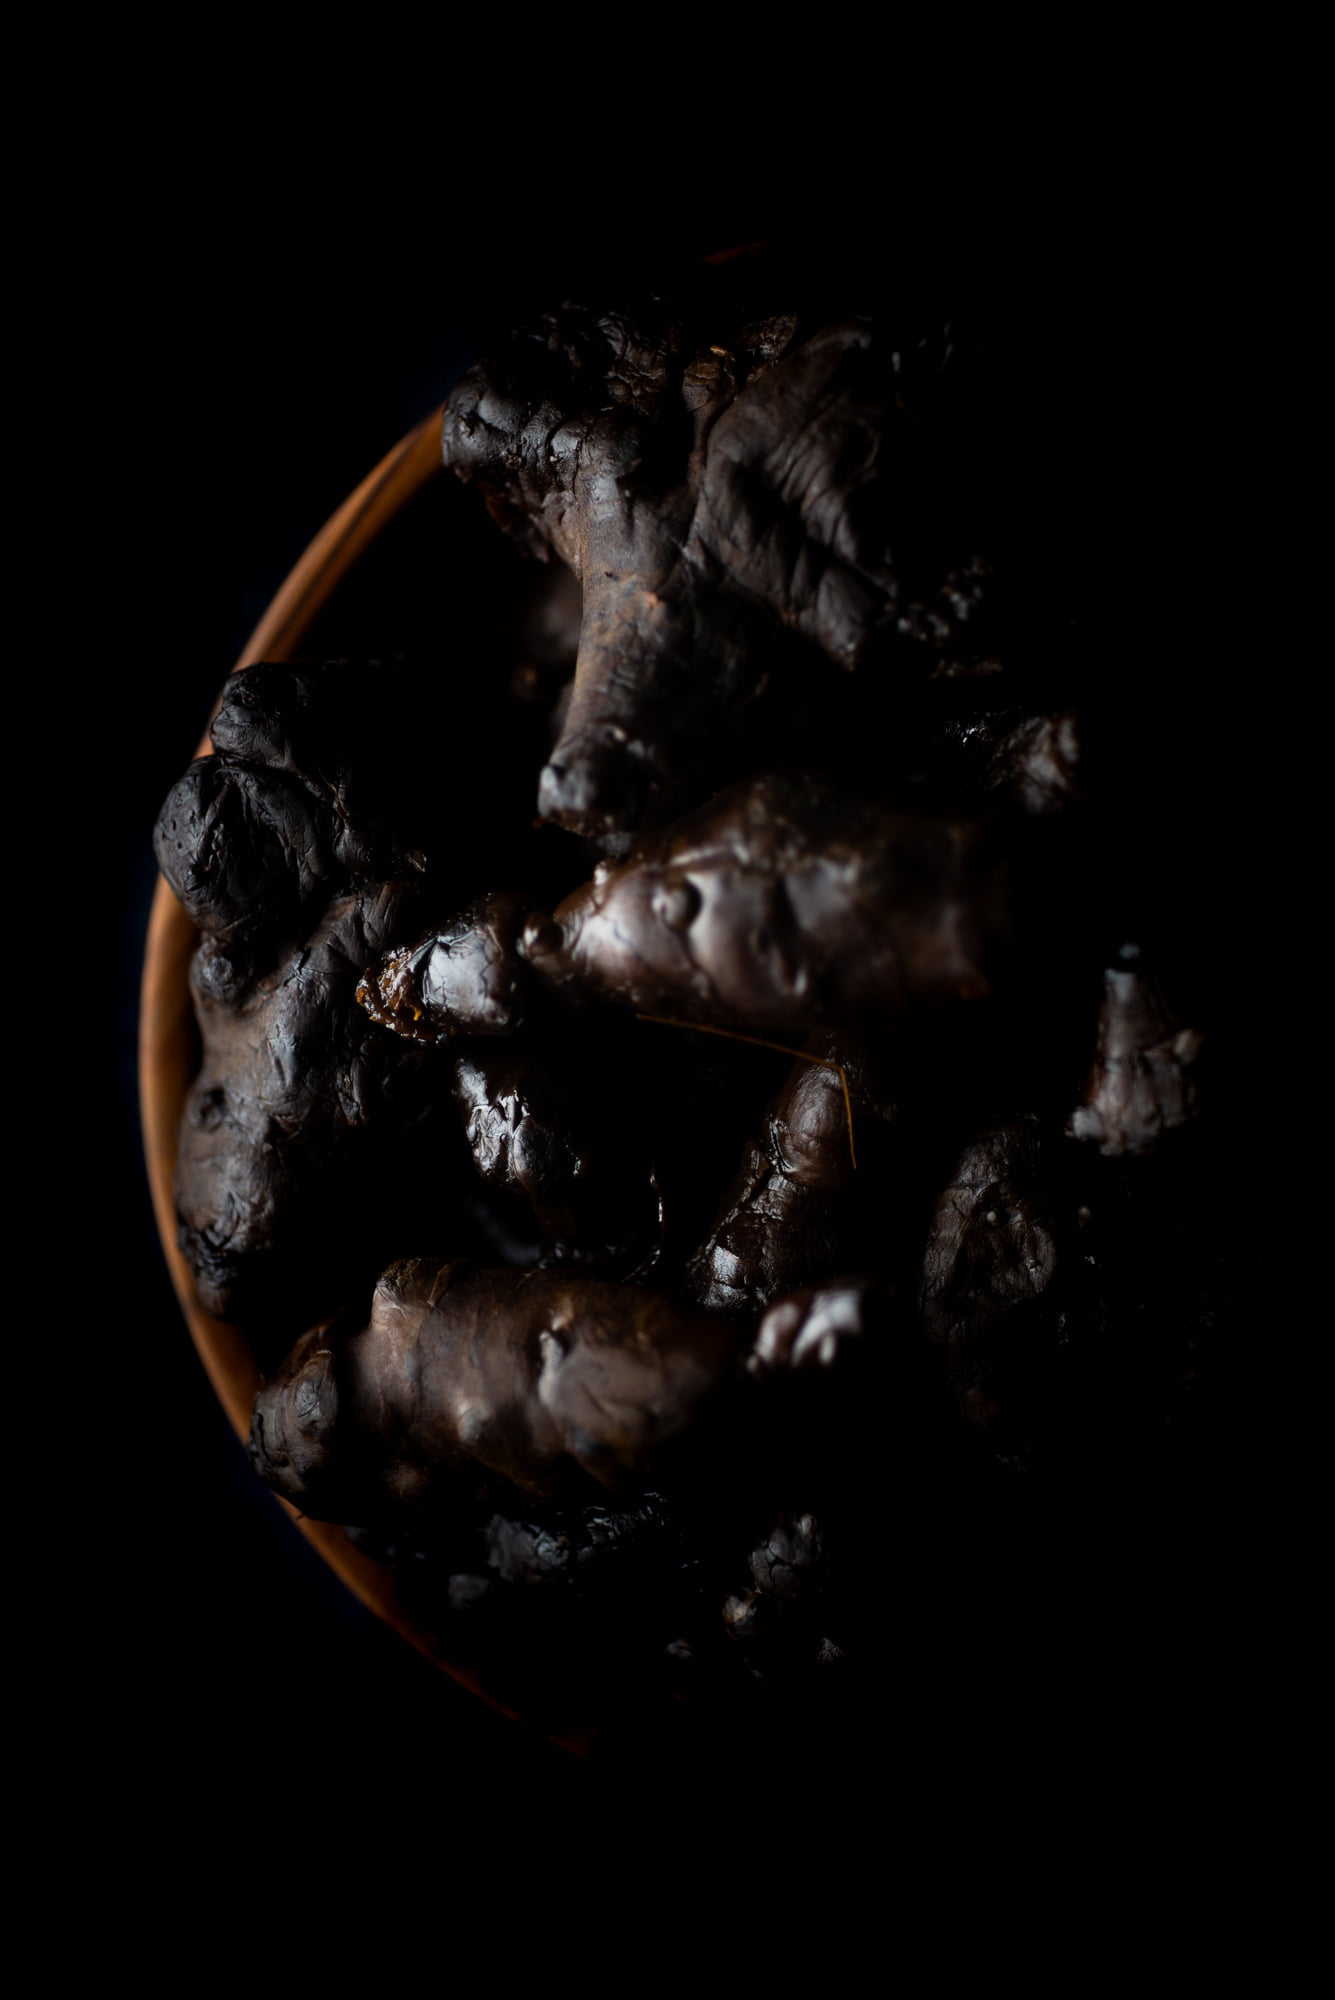 https://www.chilarestaurant.com/vegetales-negros/07_07_chila-2568/